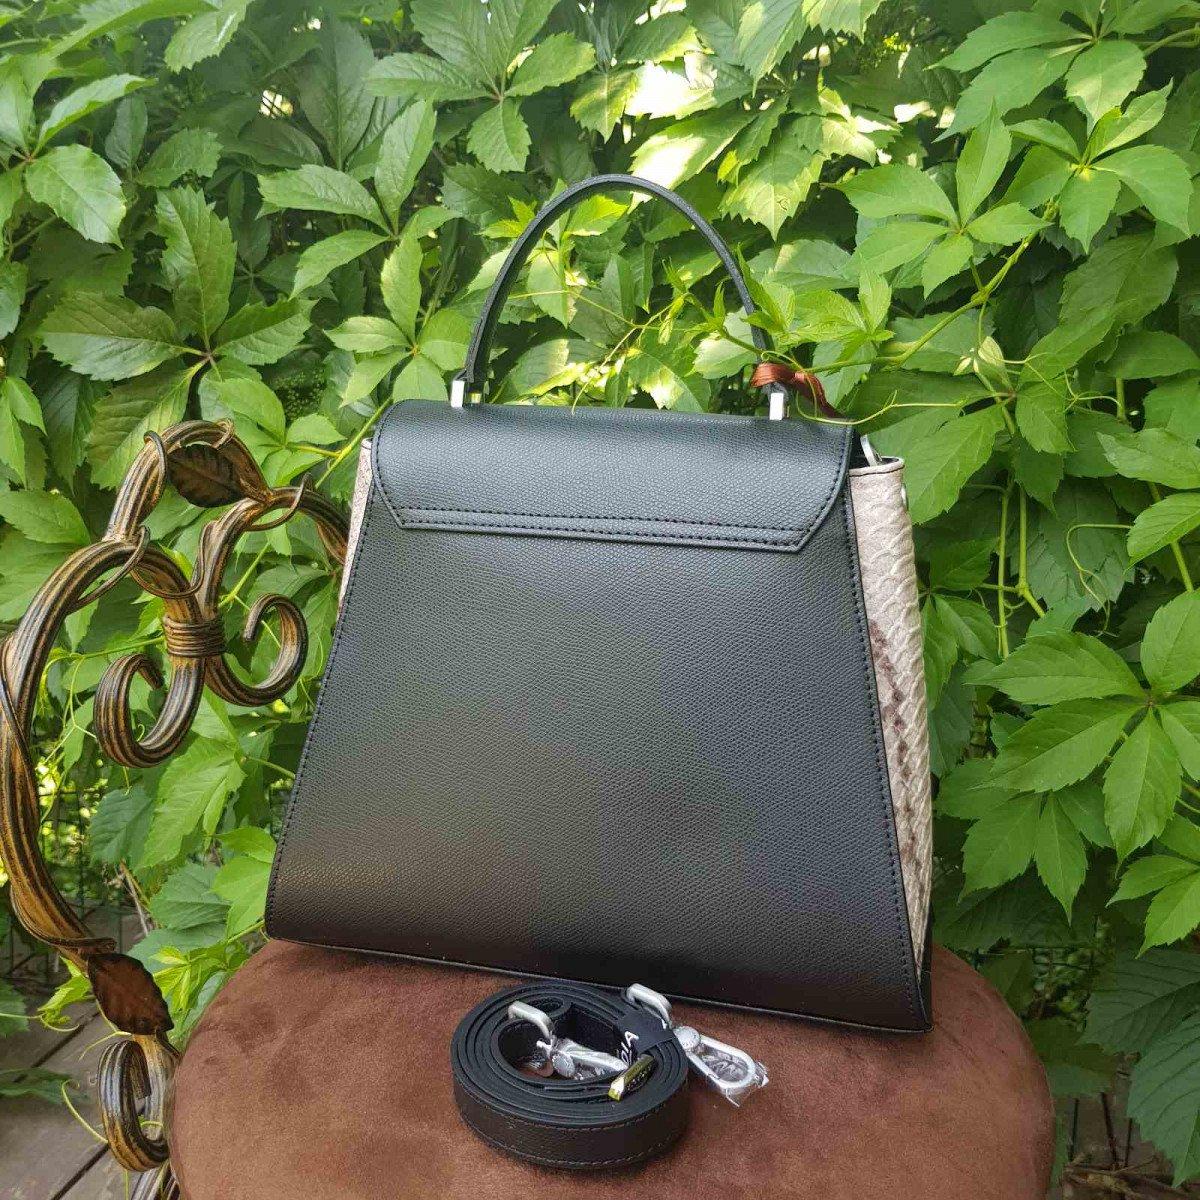 Женская кожаная сумка Arcadia 9190 palm+p nero/roccia из натуральной кожи